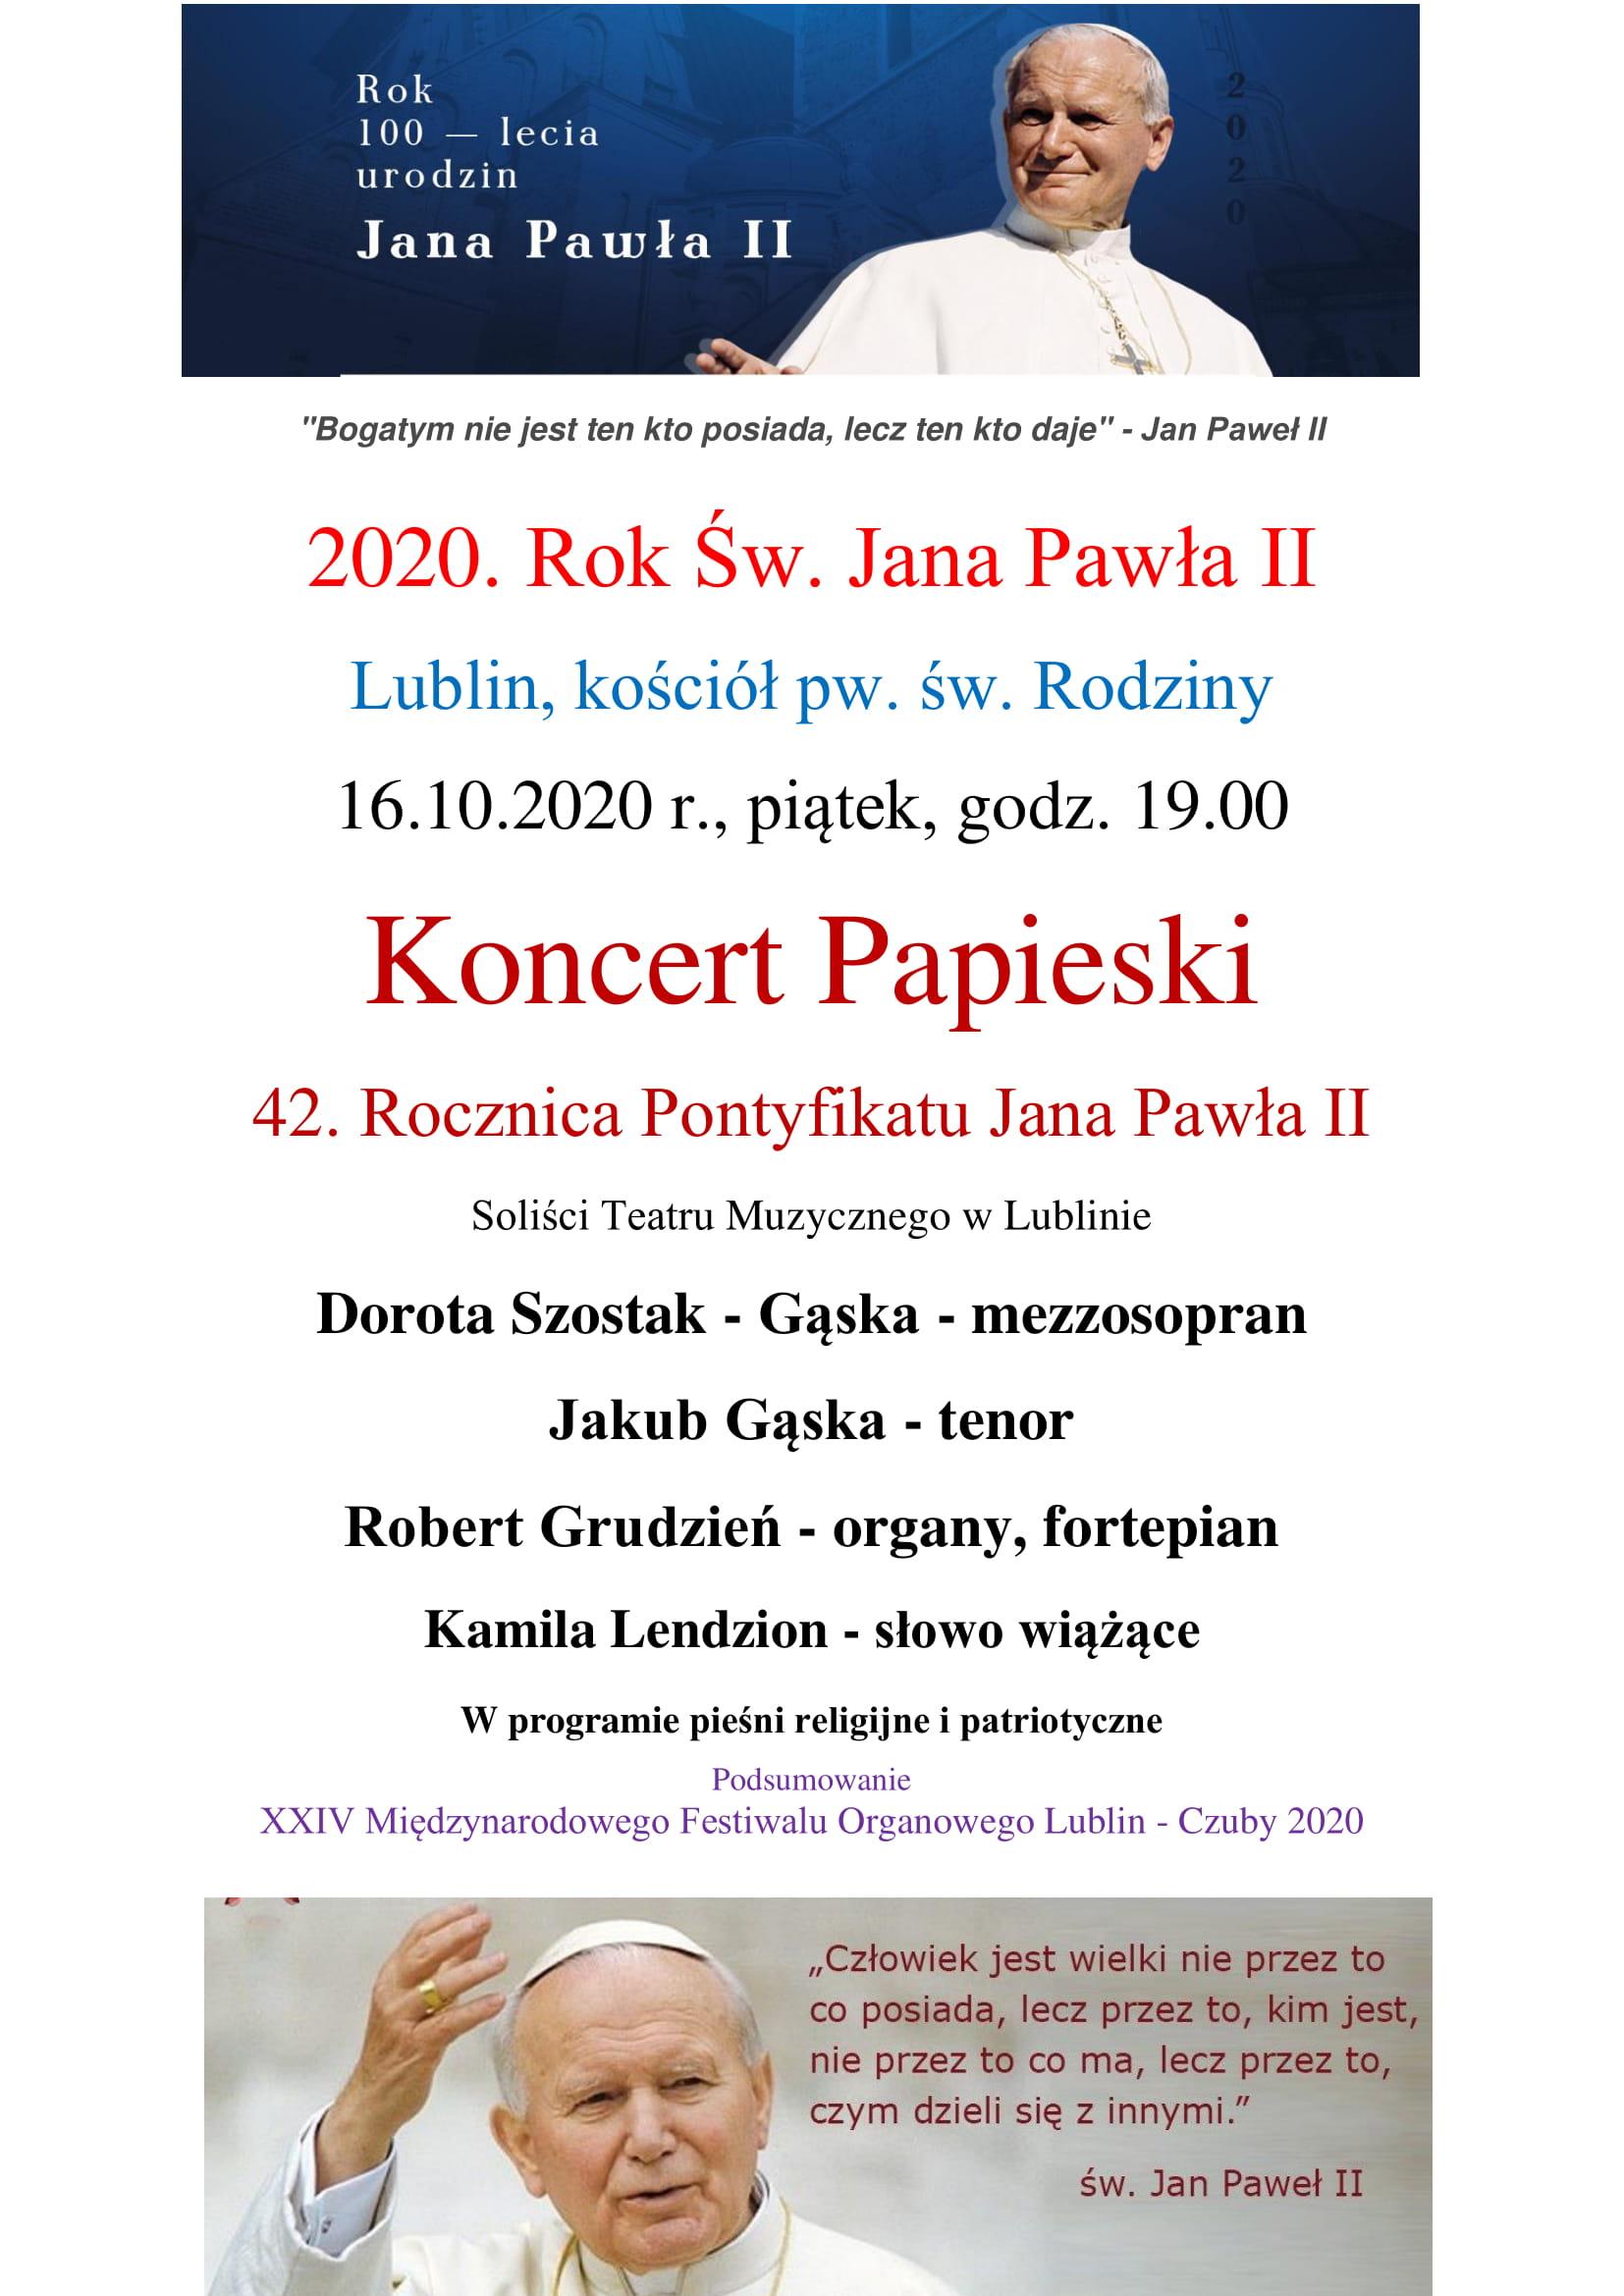 16.10.2020 godz. 19:00 - 42.Rocznica Pontyfikatu Jana Pawła II - Koncert Papieski